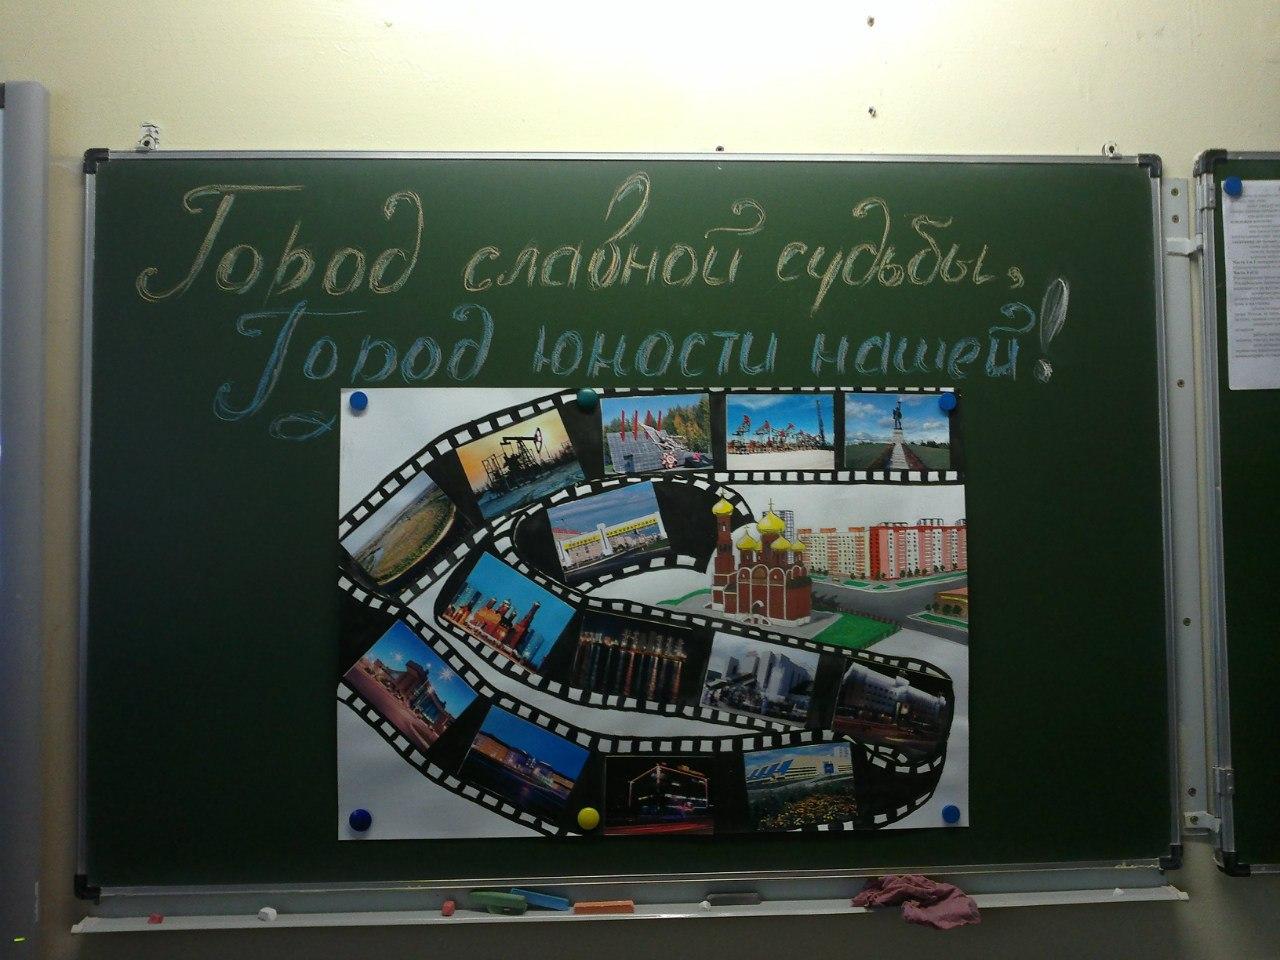 Нижневартовск – нефтяная столица Самотлора. 45 лет. (часть 1)